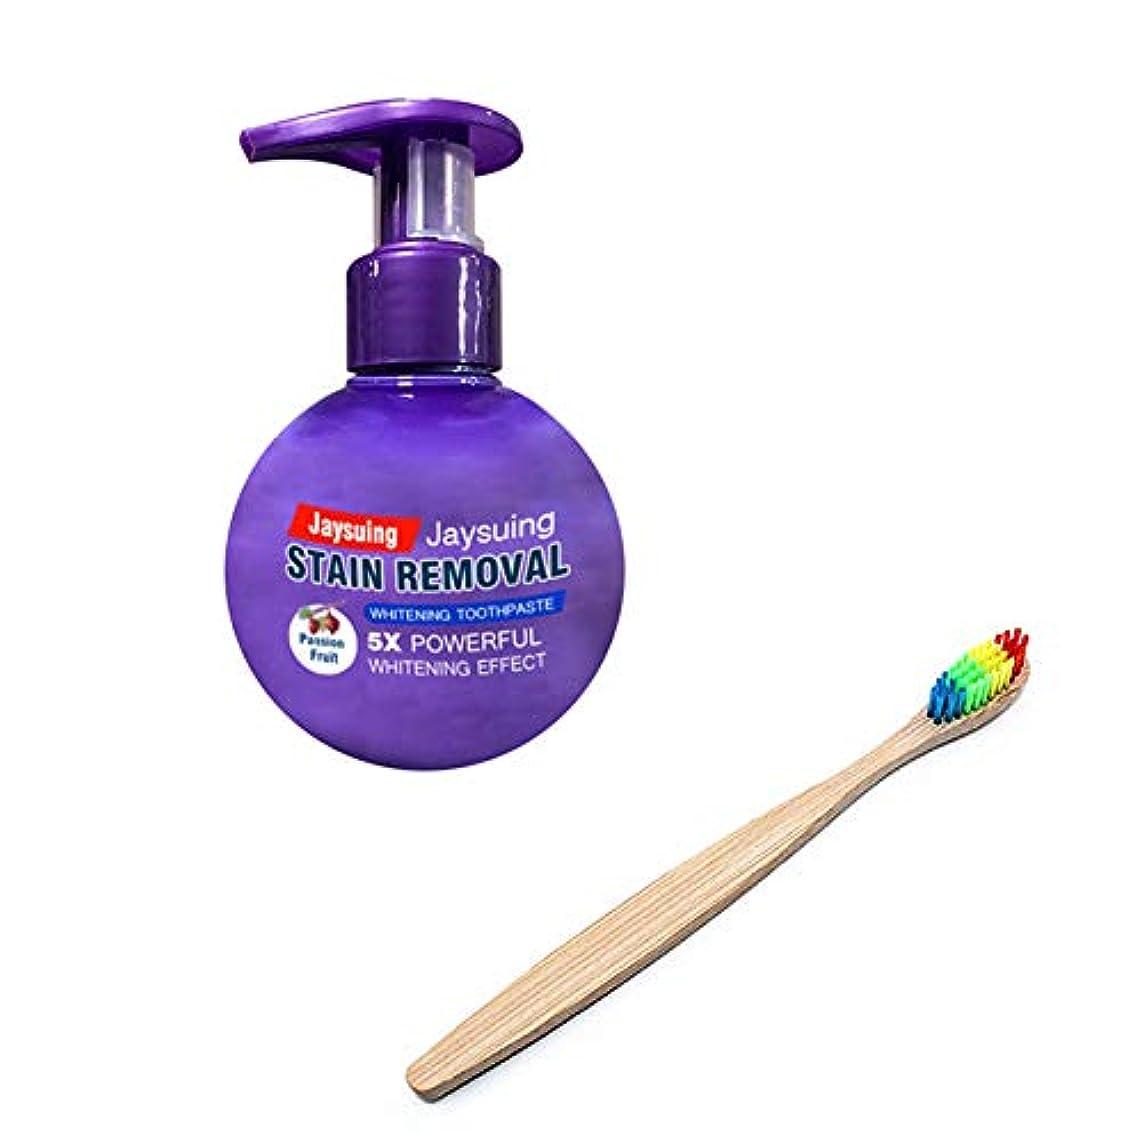 イブ嵐粒子CoolTack 歯磨き粉歯磨き粉ホワイトニング歯磨き粉アンチブリーディングガム歯磨き用